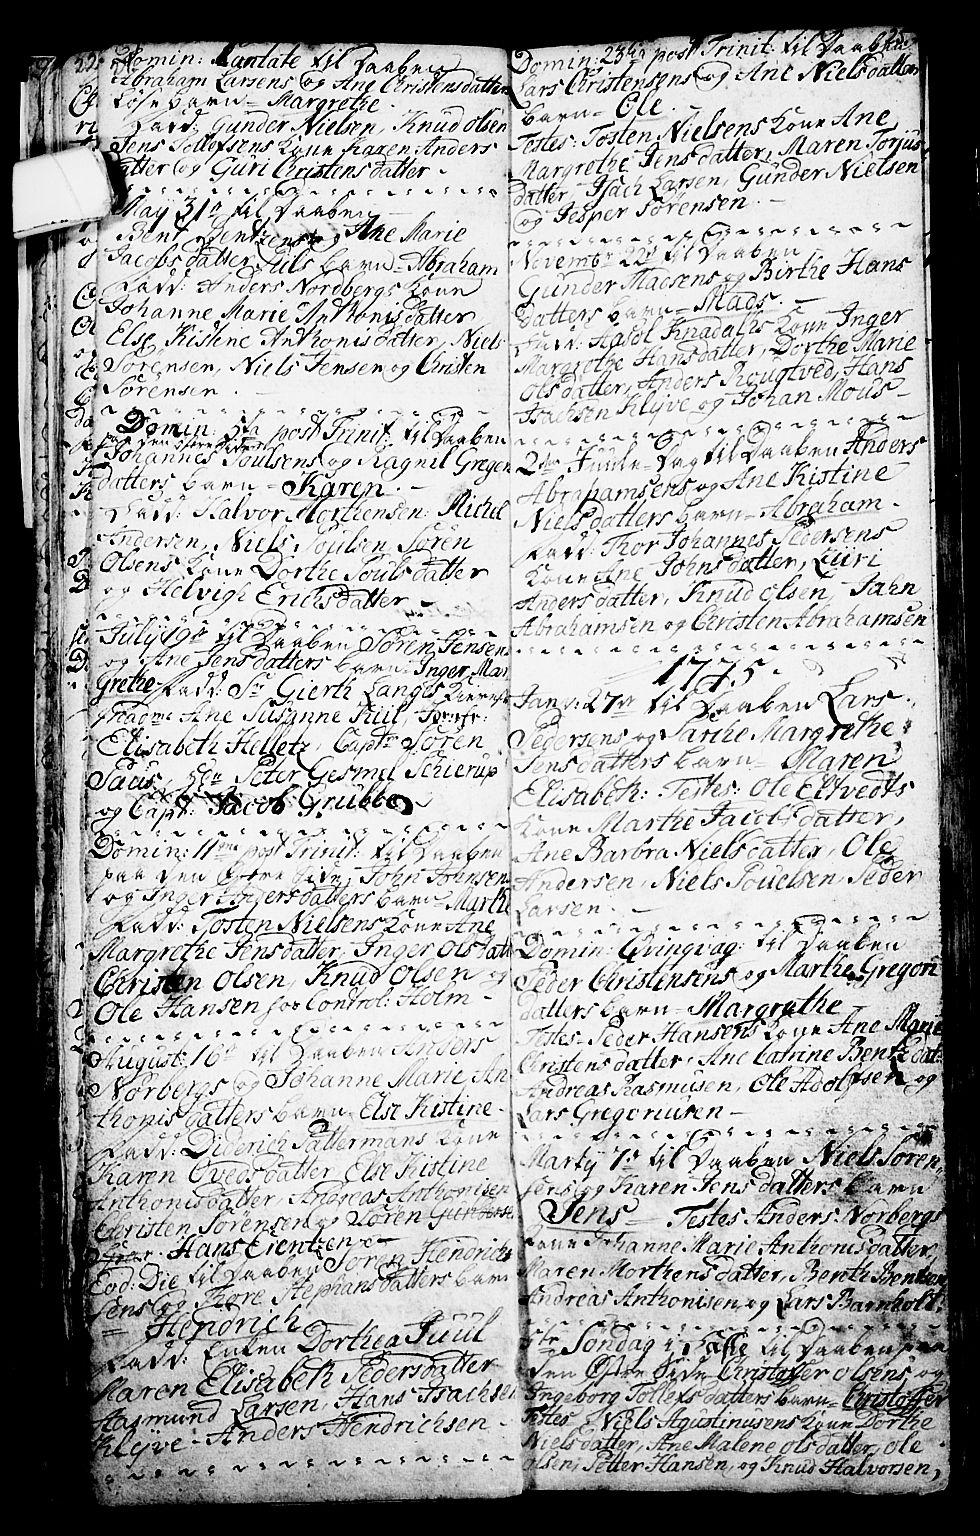 SAKO, Porsgrunn kirkebøker , G/Ga/L0001: Klokkerbok nr. I 1, 1766-1790, s. 24-25